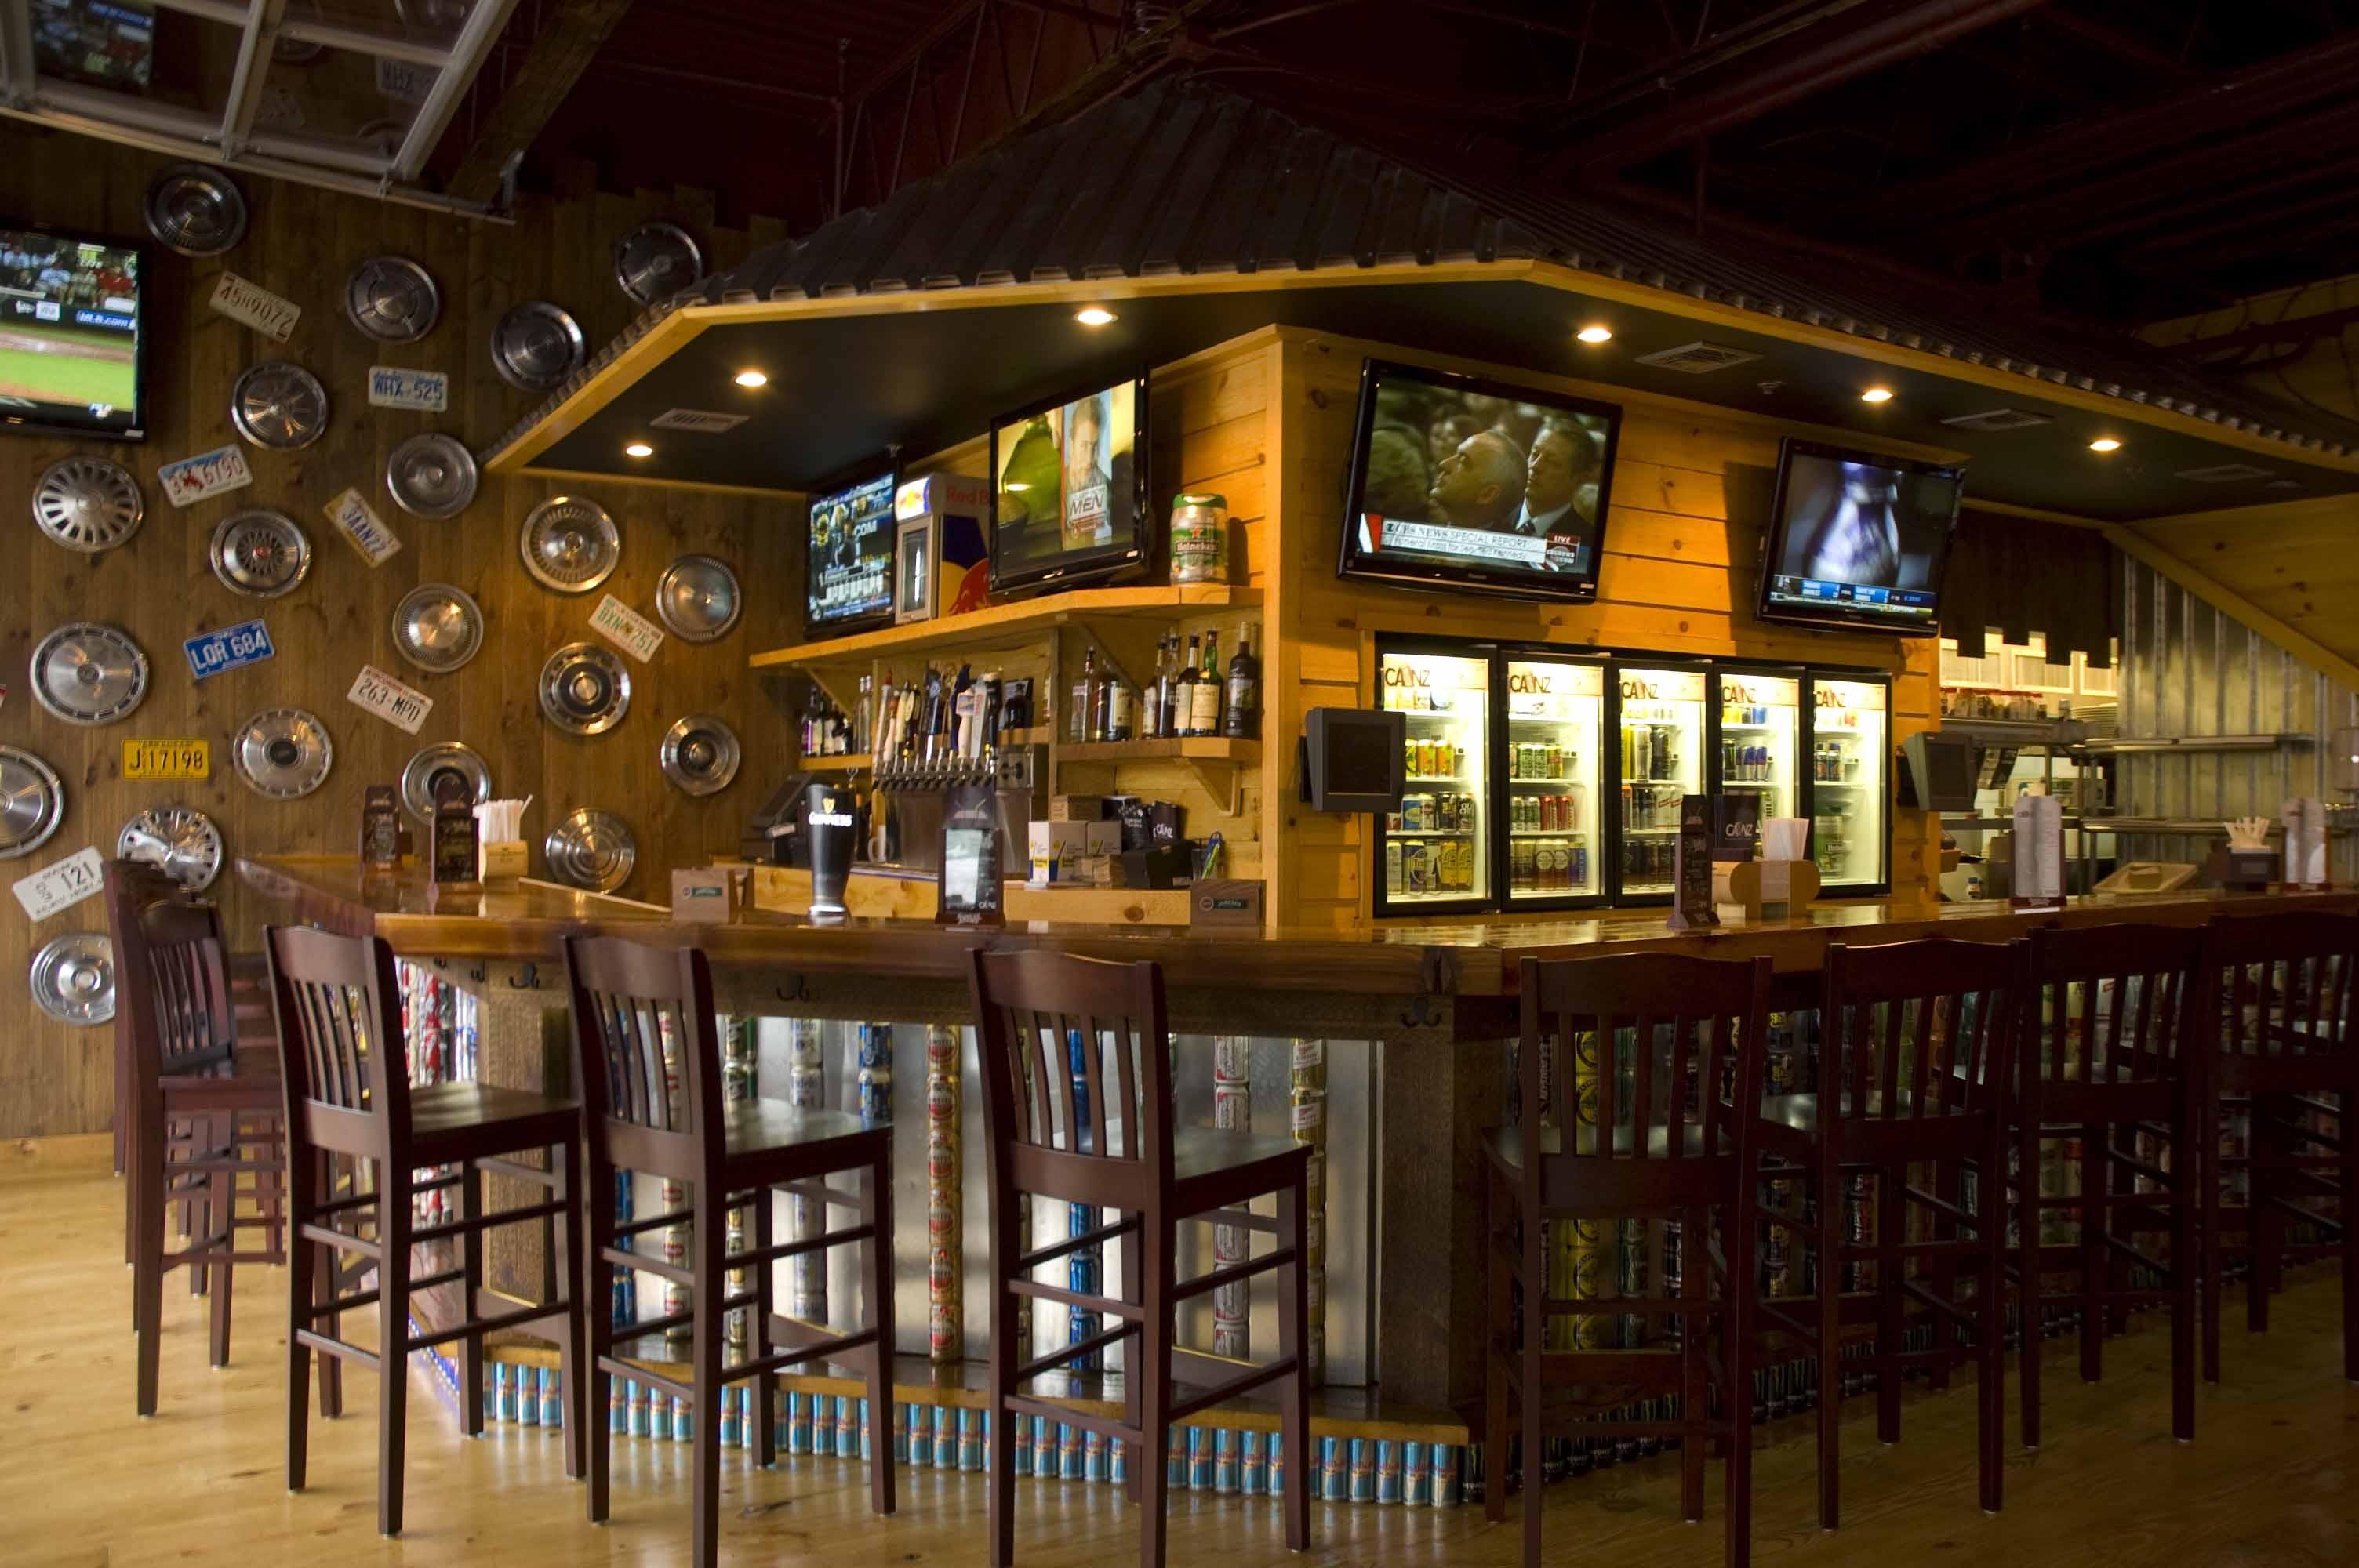 Canz Bar  Grill  Westbury  Bar  Grill  Long Island